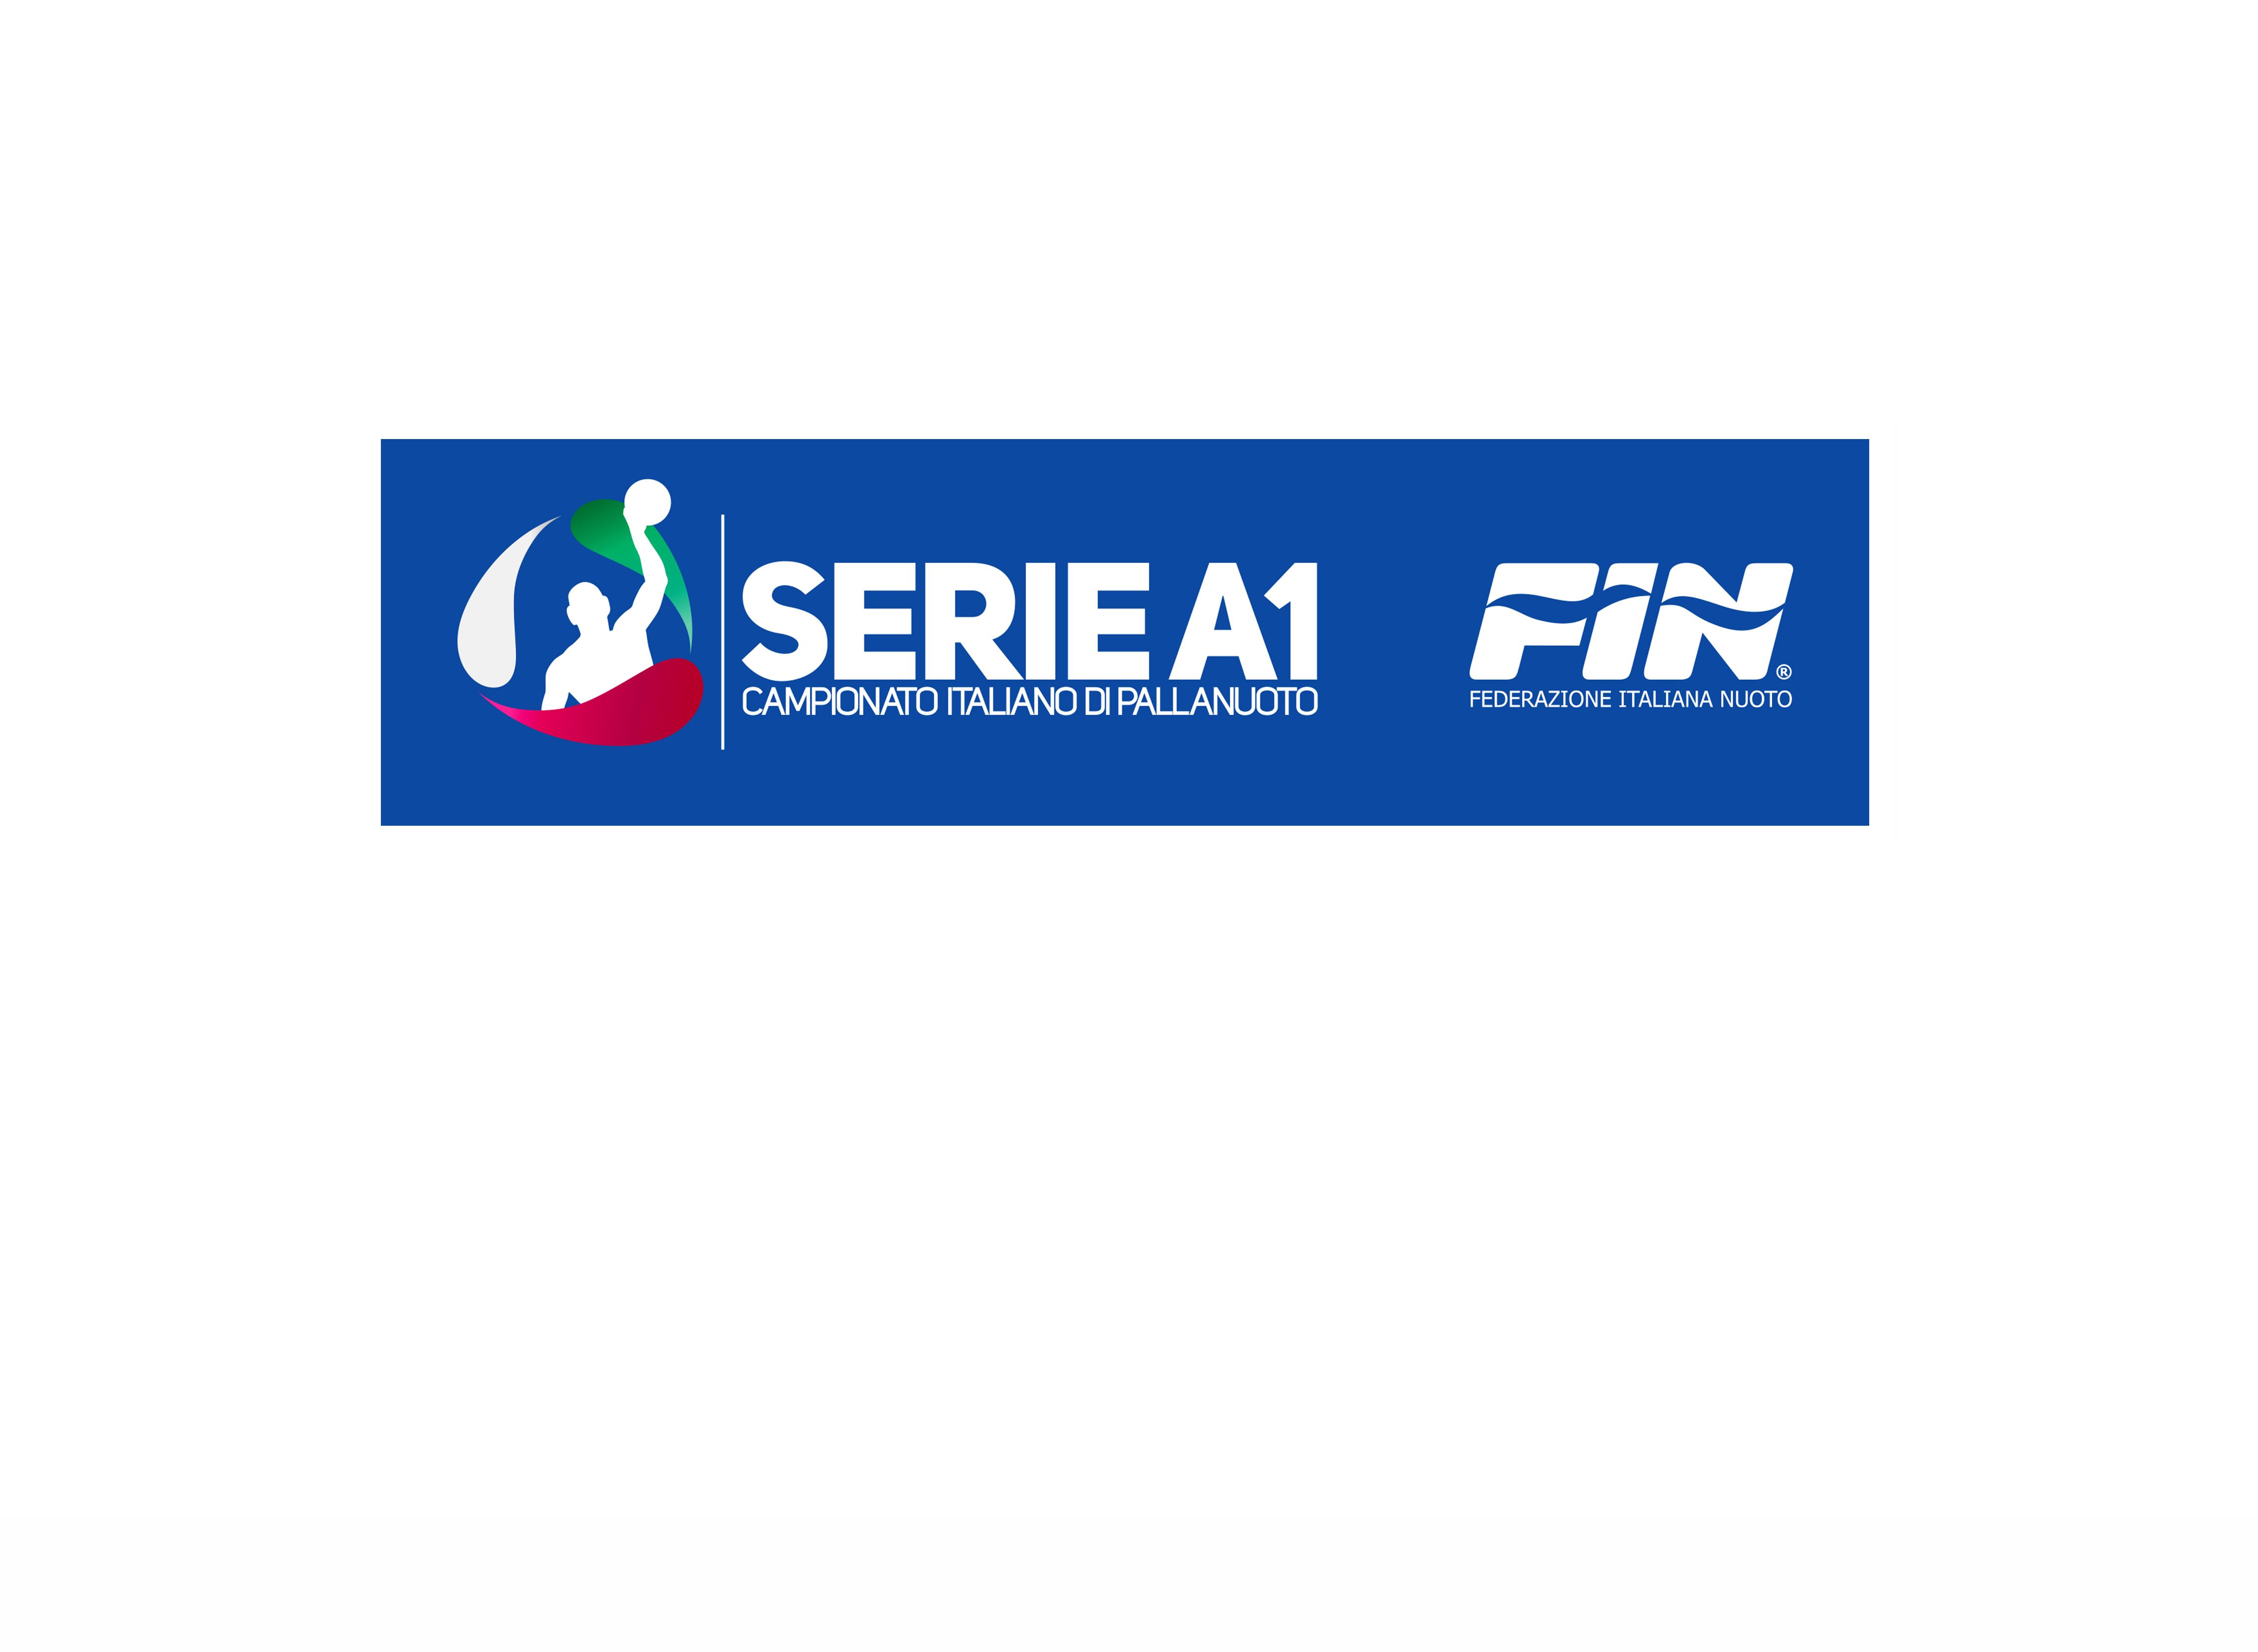 Notizia ufficiale: la Federnuoto sospende la serie A1 maschile e la serie A1 femminile fino a nuovo avviso